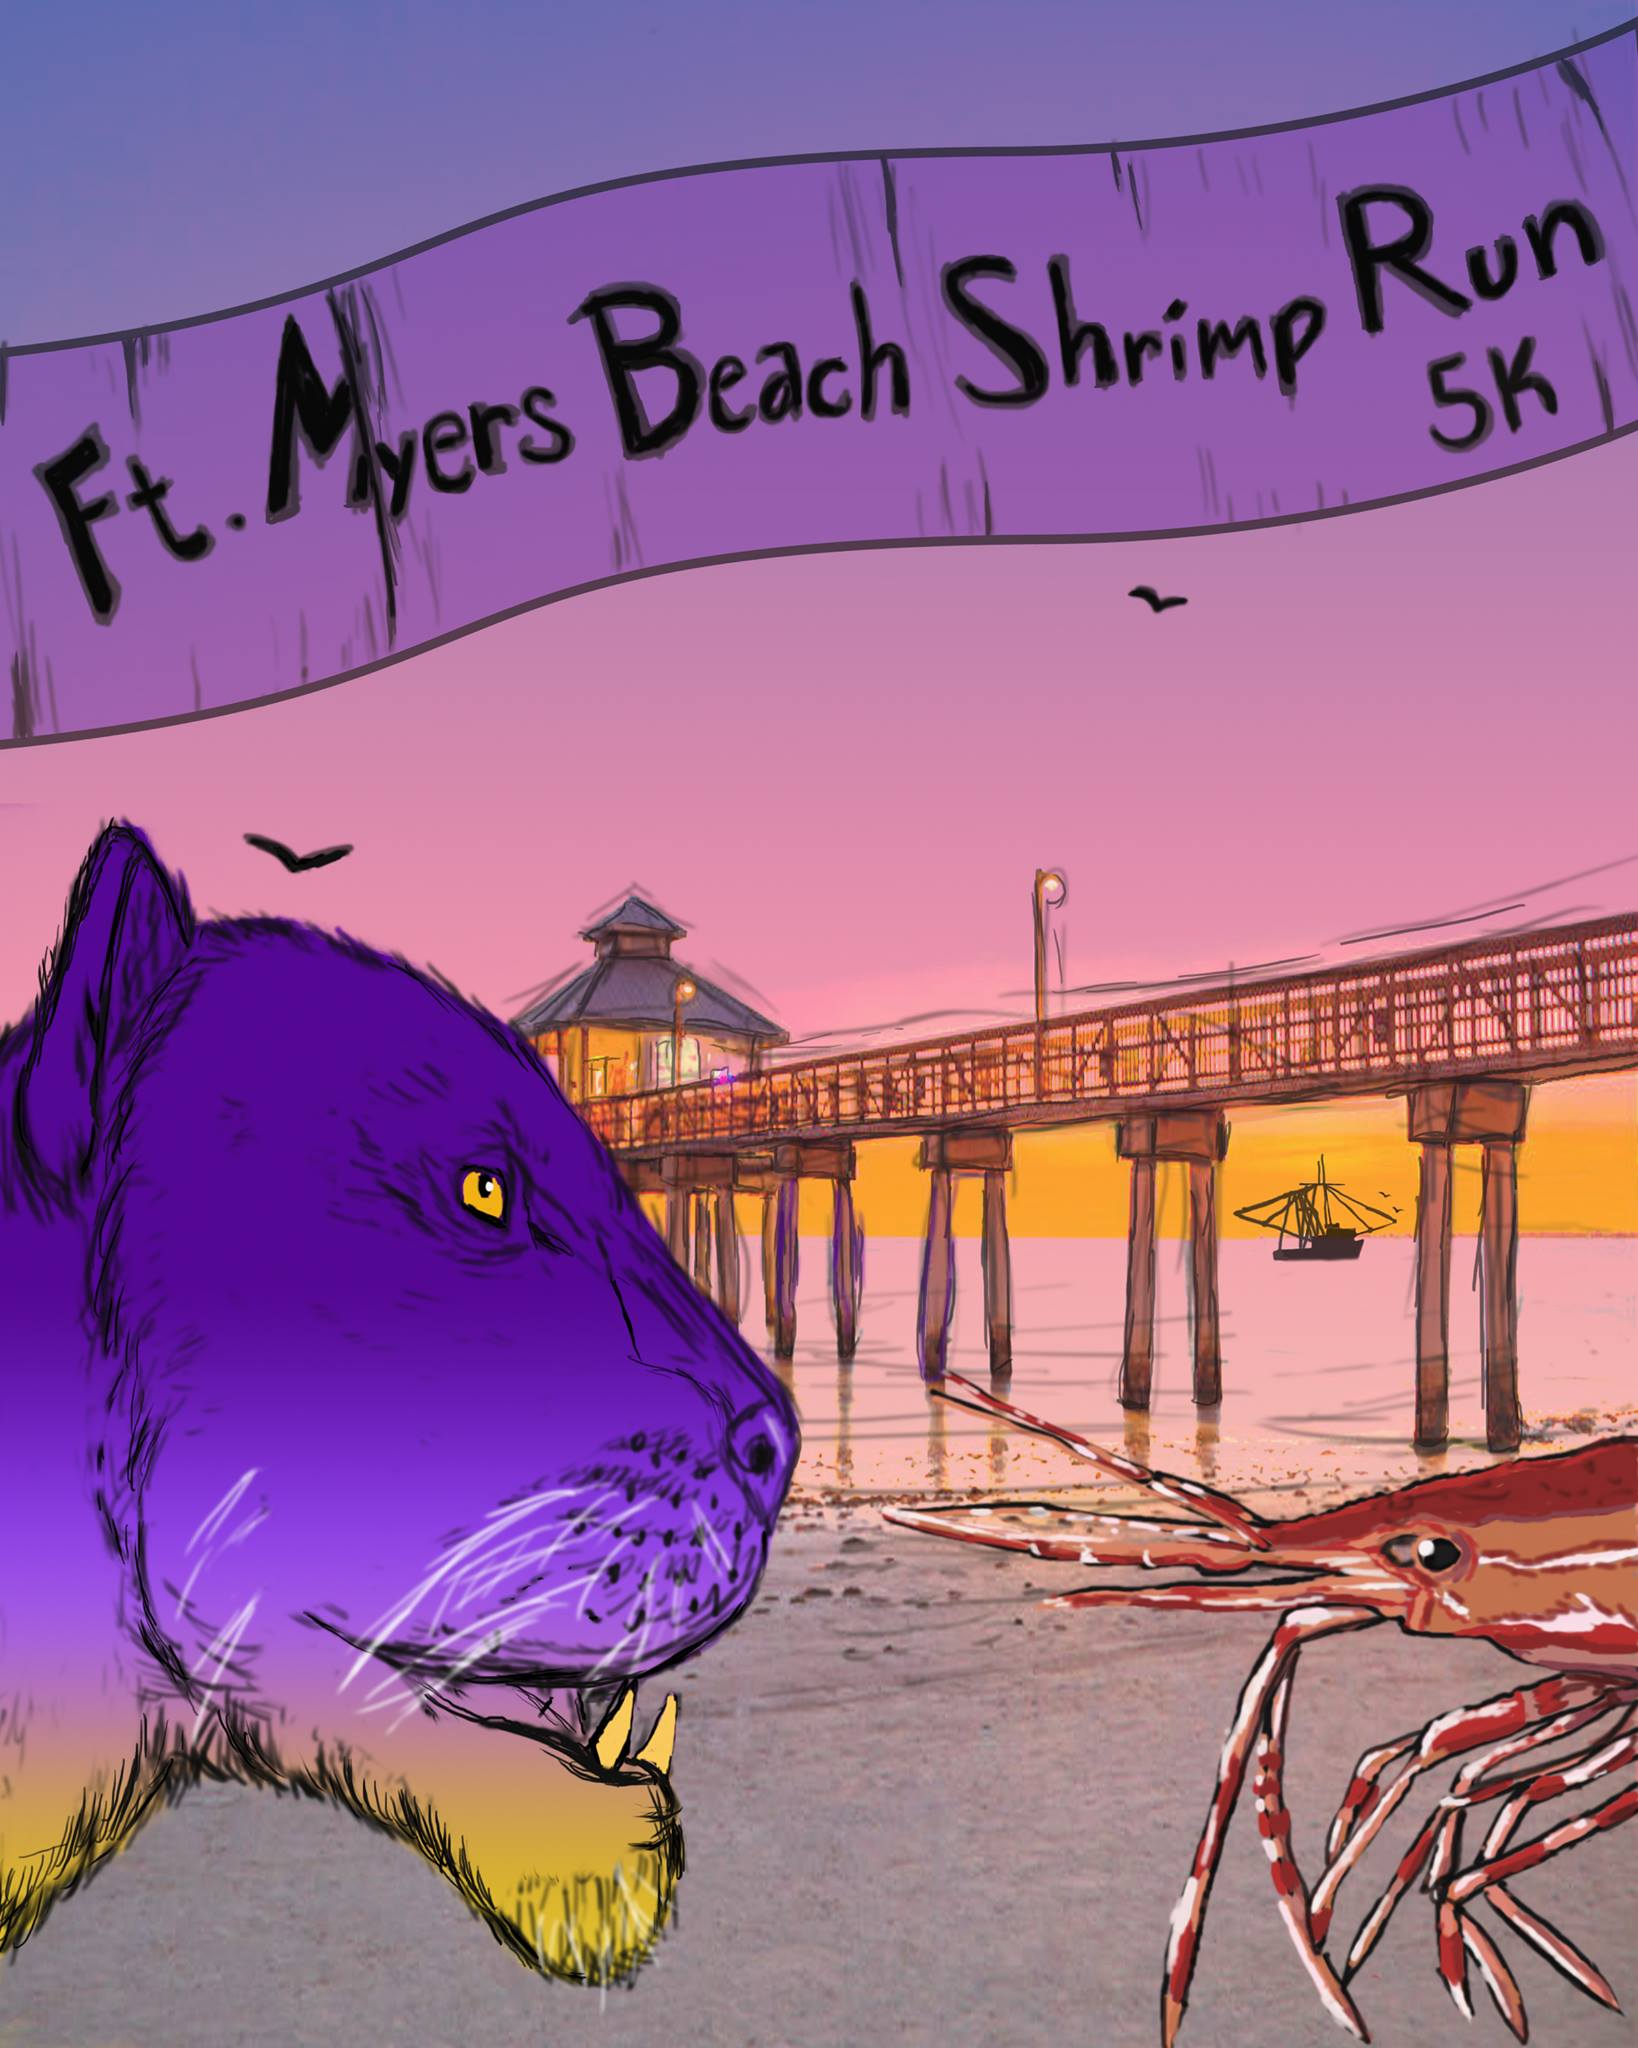 5k shrimp run